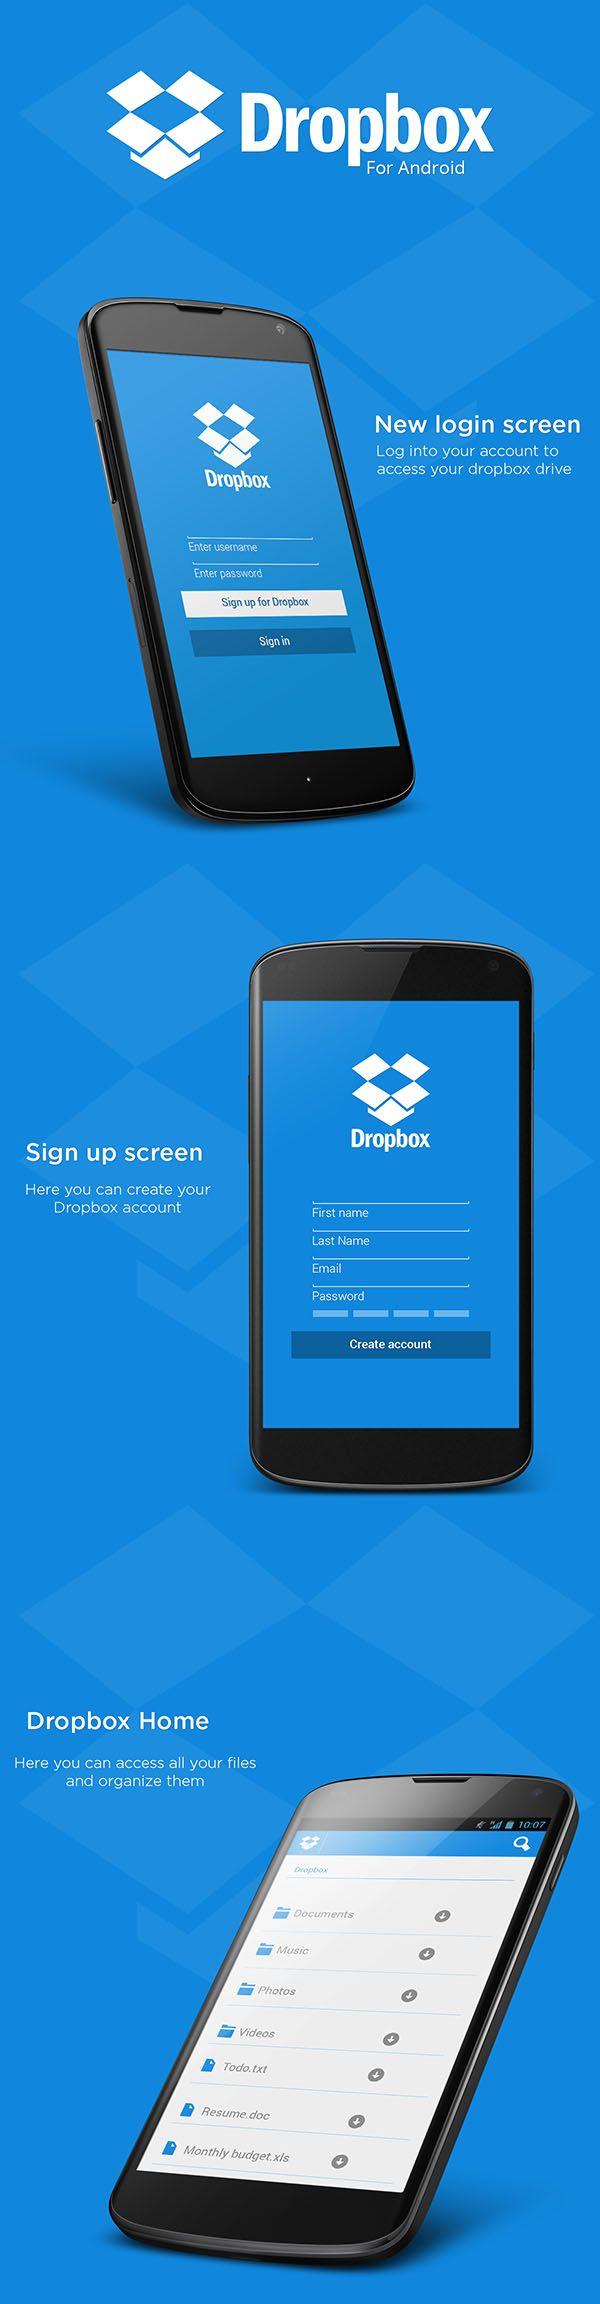 Mobile UI Design Inspiration #4